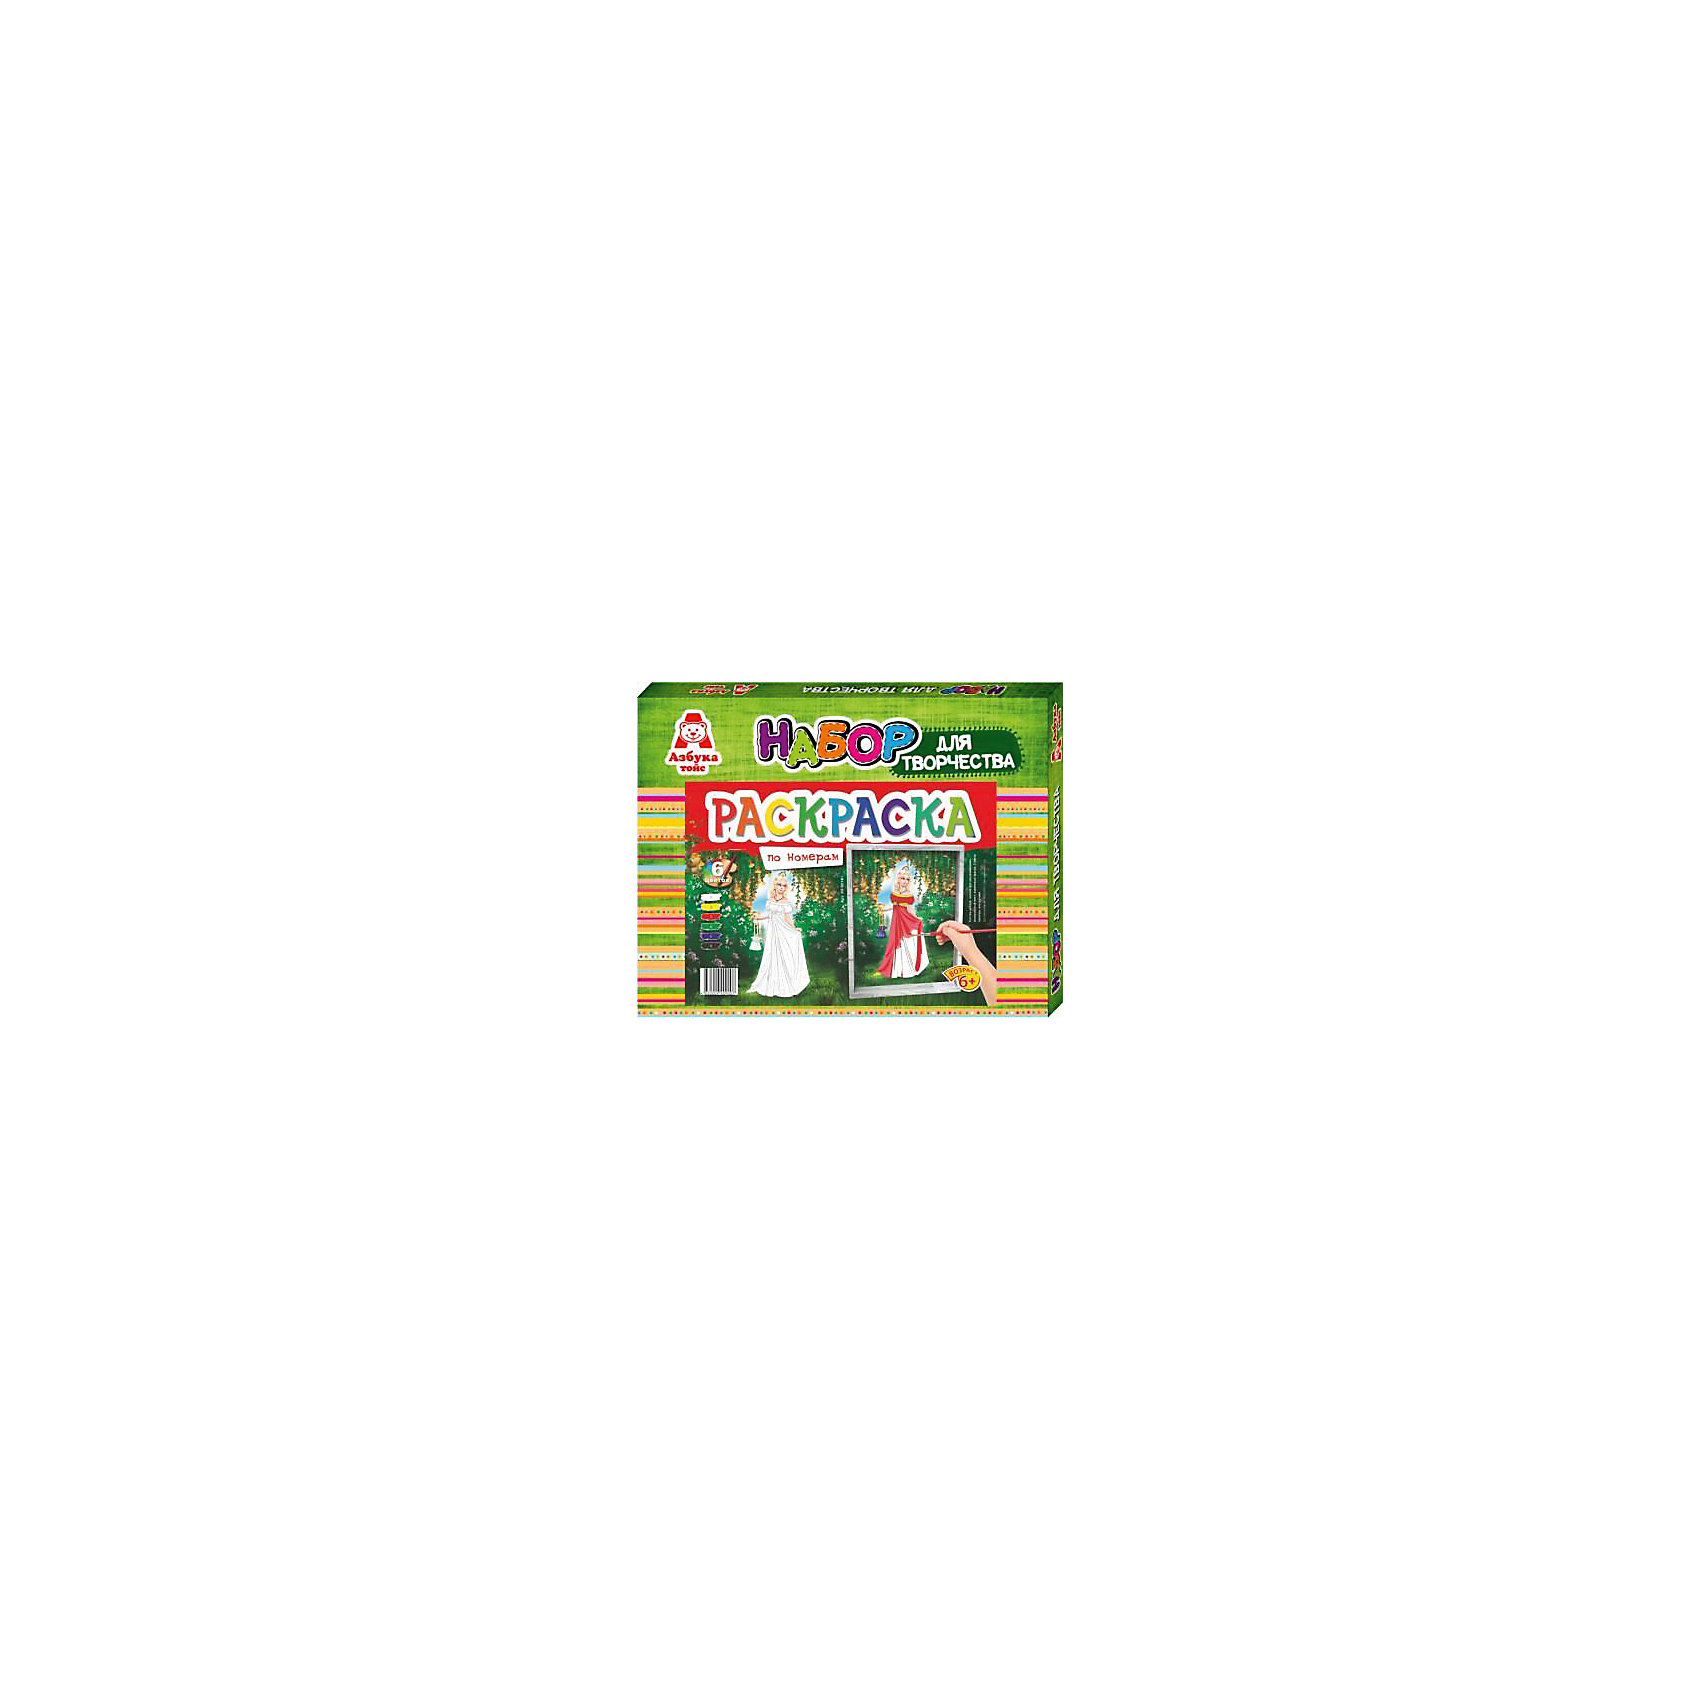 Раскраска по номерам Принцесса в красномРисование<br>Характеристики товара:<br><br>• упаковка: коробка<br>• материал: картон, акрил<br>• возраст: 6+<br>• масса: 200 г<br>• габариты: 30х270х210 мм<br>• комплектация: основа с нанесенным контуром, акриловые краски 6 цв., 2 кисточки, палитра для смешивания, картонная рамка и инструкция<br>• страна бренда: РФ<br>• страна изготовитель: РФ<br><br>Раскрашивание картинок – всеми любимый увлекательный процесс. Отличительной особенностью набора является то, что картинка разделена на зоны с нумерацией. Каждый номер – один цвет, соответствующий цвету в наборе красок. В итоге получается красивая картина. Это поможет ребенку поверить в свои силы и развить творческие способности.<br>Набор станет отличным подарком ребенку, так как он сможет сам сделать красивую вещь для себя или в качестве подарка близким! Материалы, использованные при изготовлении товара, сертифицированы и отвечают всем международным требованиям по качеству. <br><br>Раскраску по номерам Принцесса в красном от бренда Азбука Тойс можно приобрести в нашем интернет-магазине.<br><br>Ширина мм: 270<br>Глубина мм: 30<br>Высота мм: 210<br>Вес г: 200<br>Возраст от месяцев: 72<br>Возраст до месяцев: 120<br>Пол: Женский<br>Возраст: Детский<br>SKU: 5062878